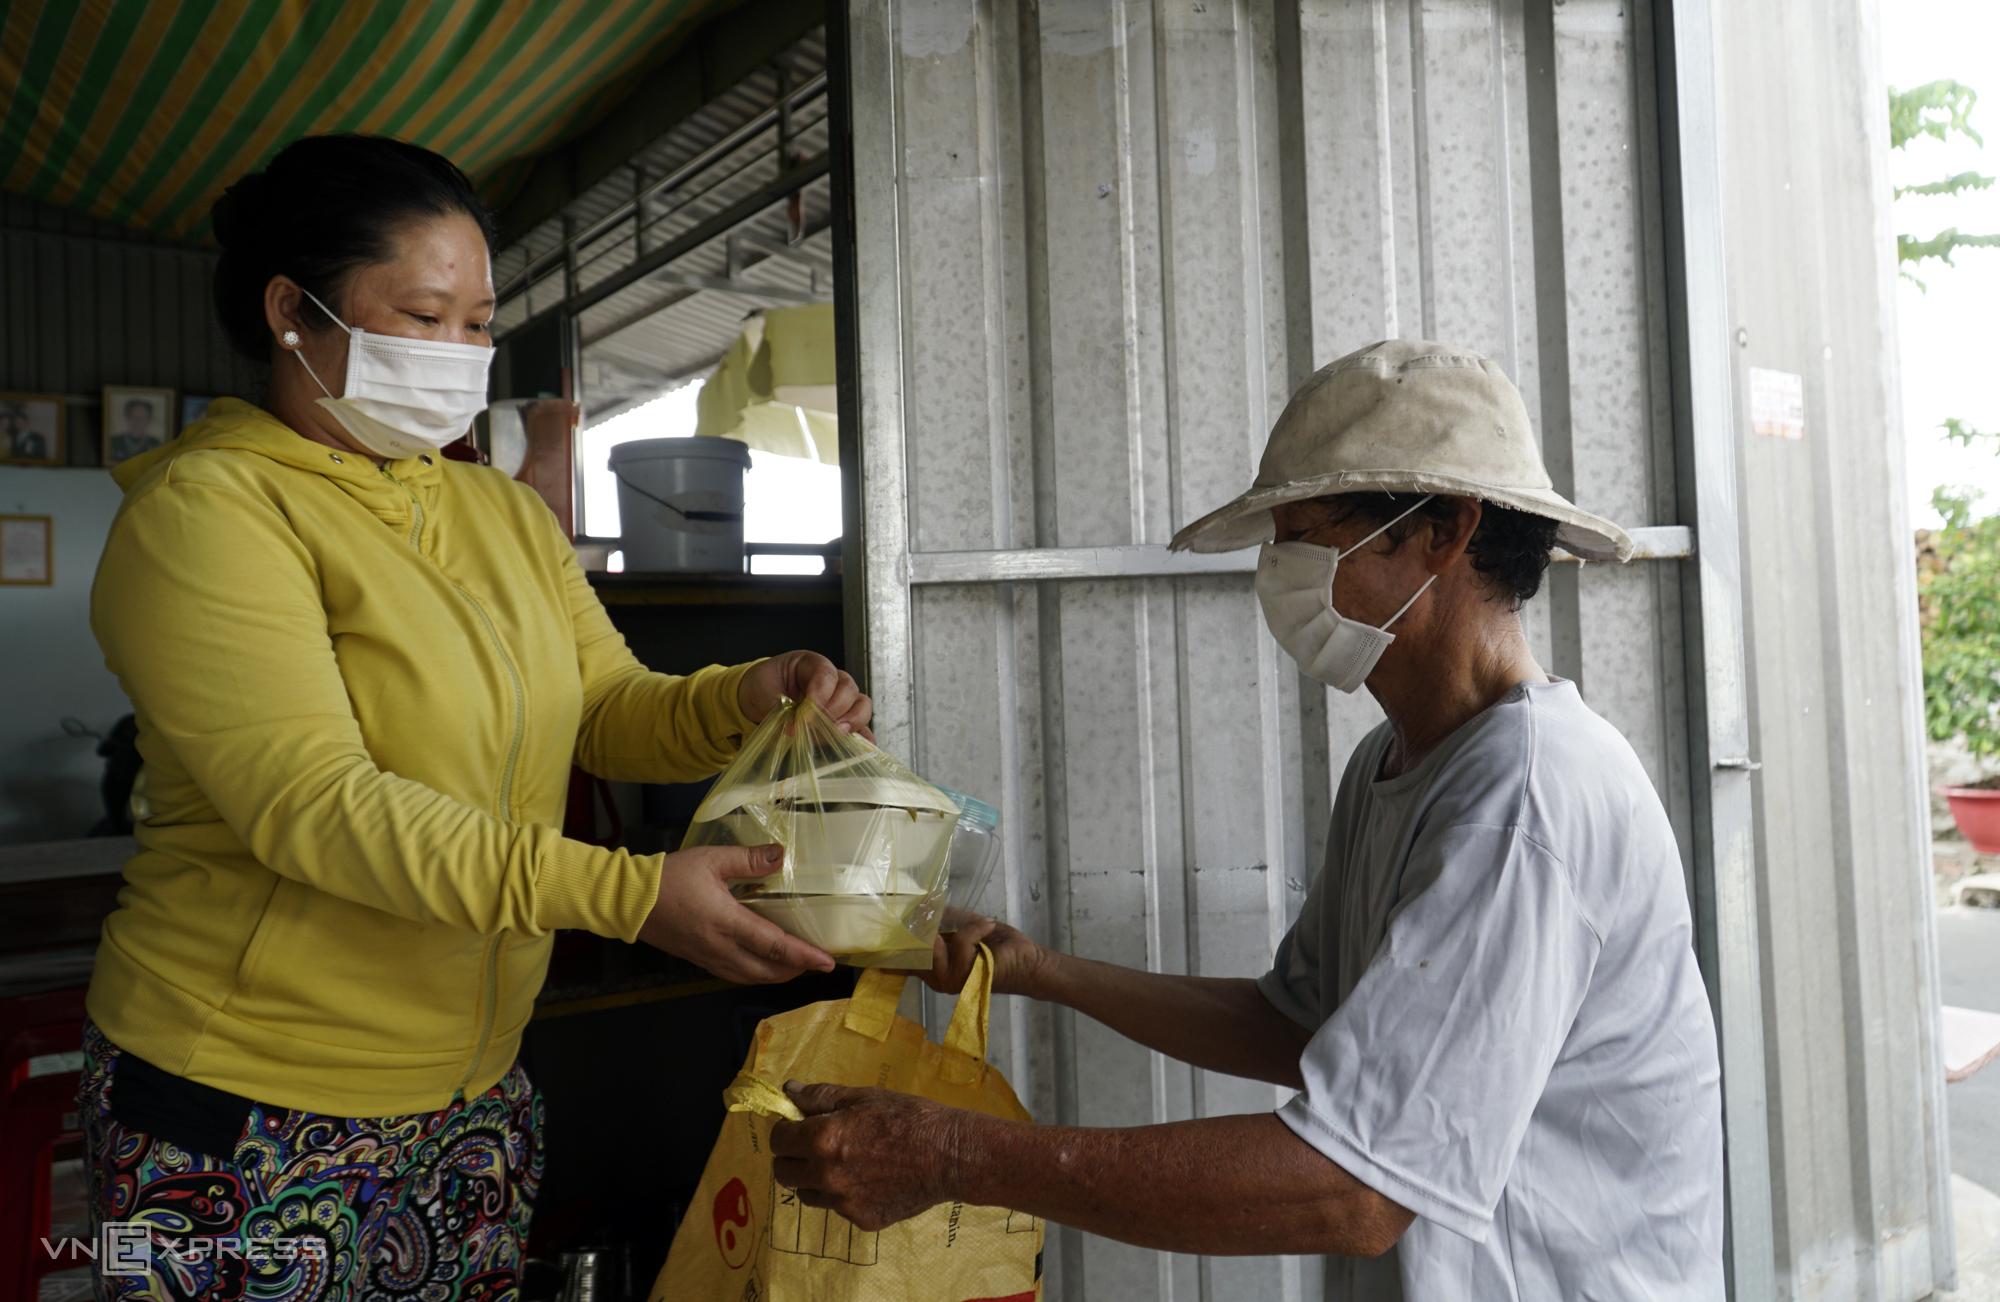 bà Ngô Ngọc Thảo đưa cơm cho người nghèo khó. Ảnh: Phúc Điền